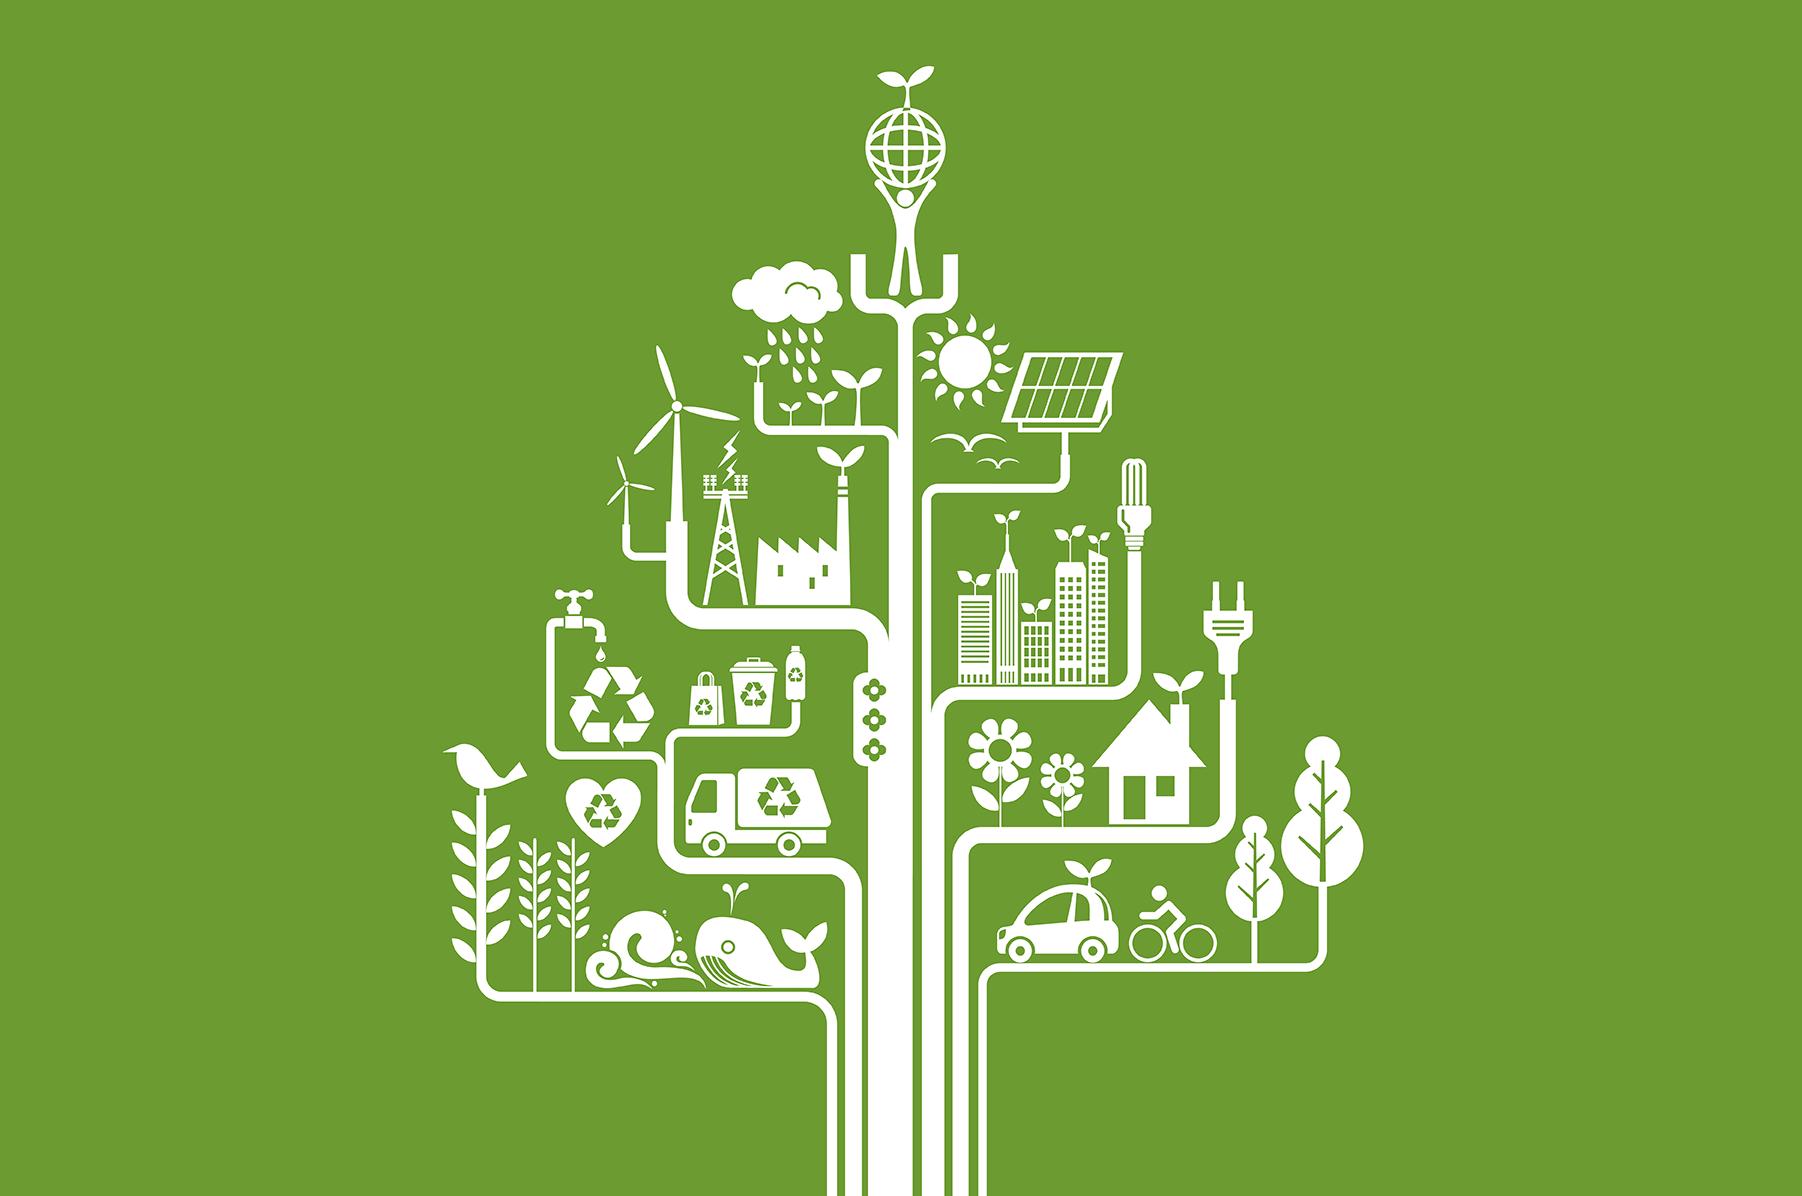 5e67f91d7a987-Blog -- Go Green Energy Efficient_Blog Image